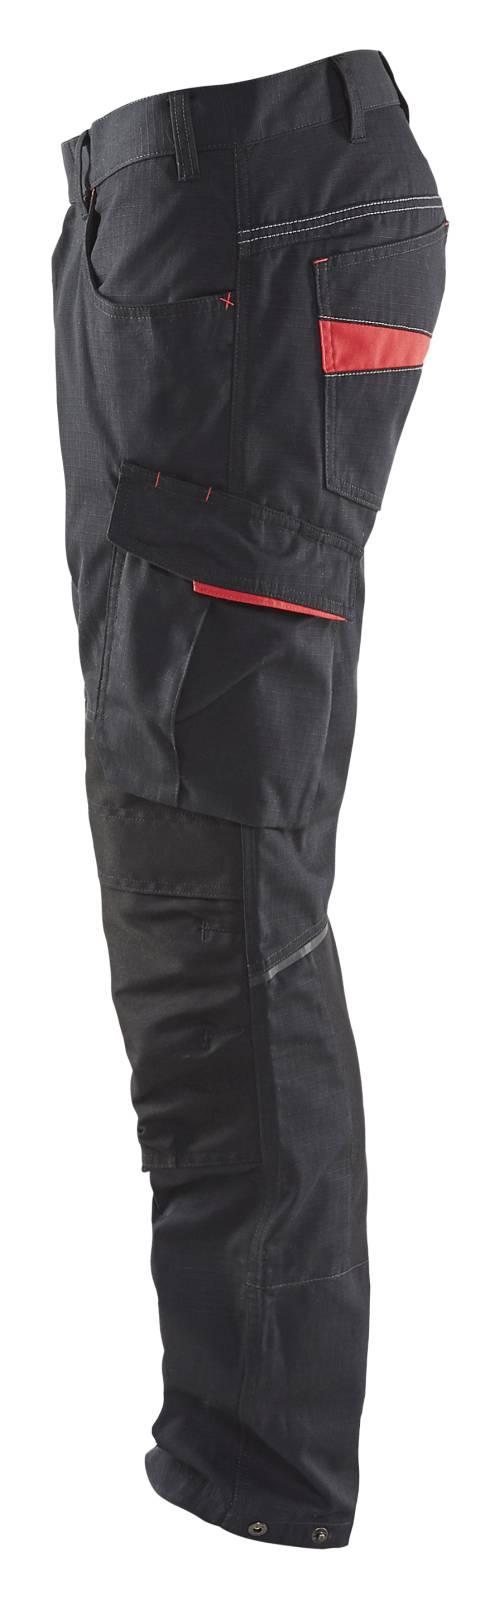 Blaklader Broeken 14951330 met Stretch zwart-rood(9956)